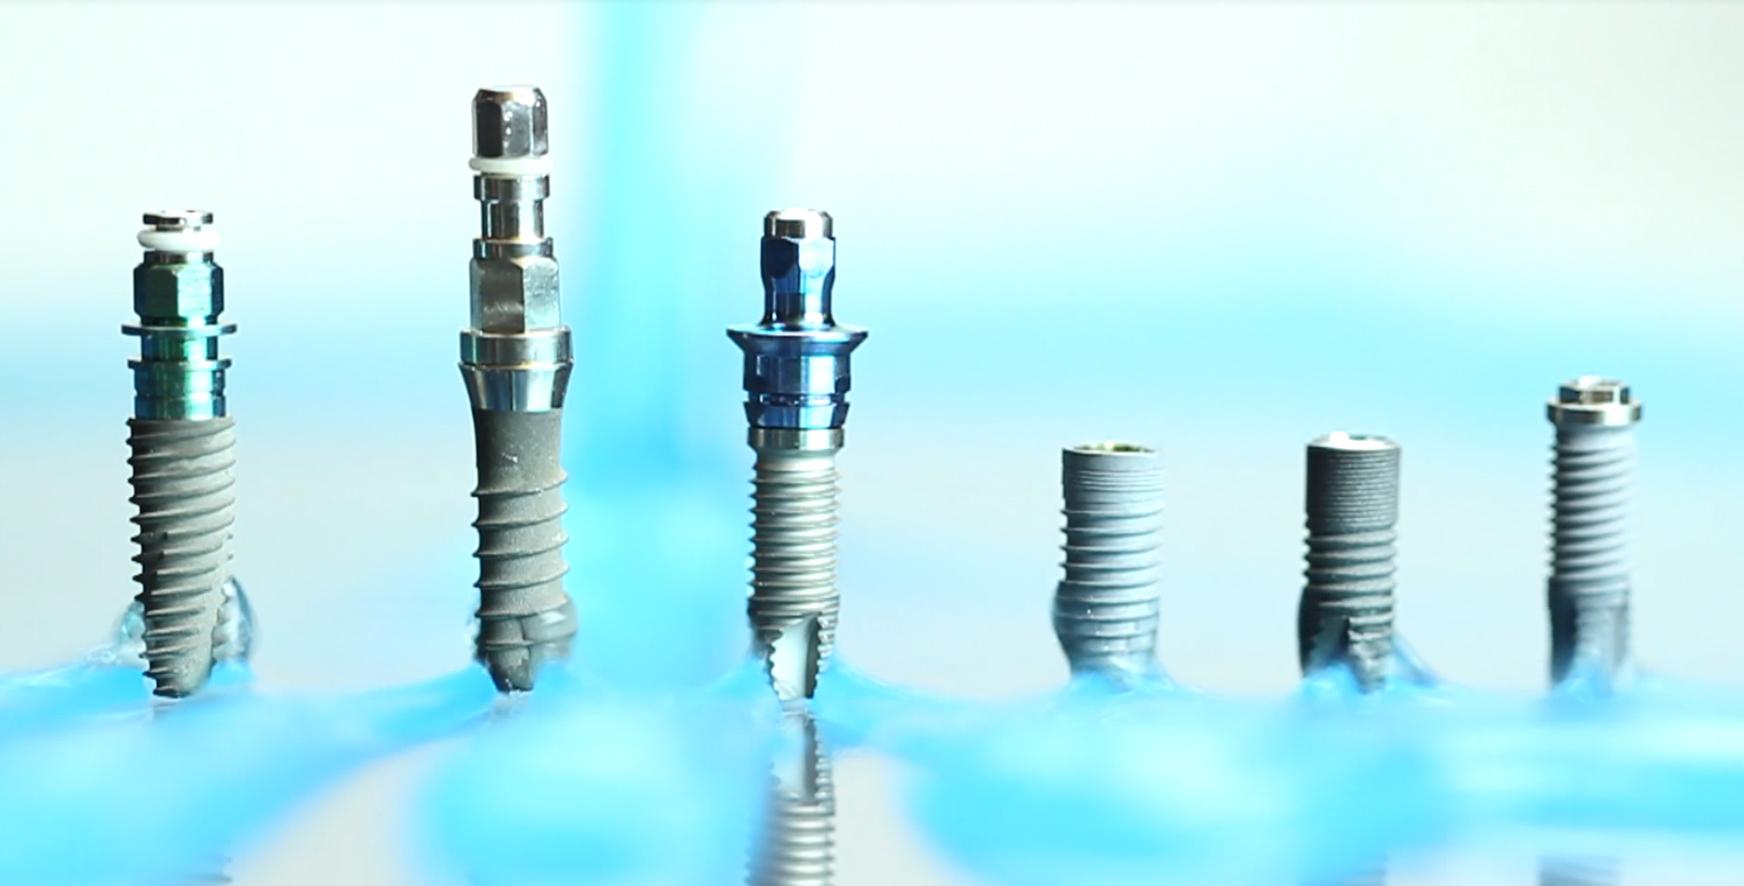 implants in flood.jpg